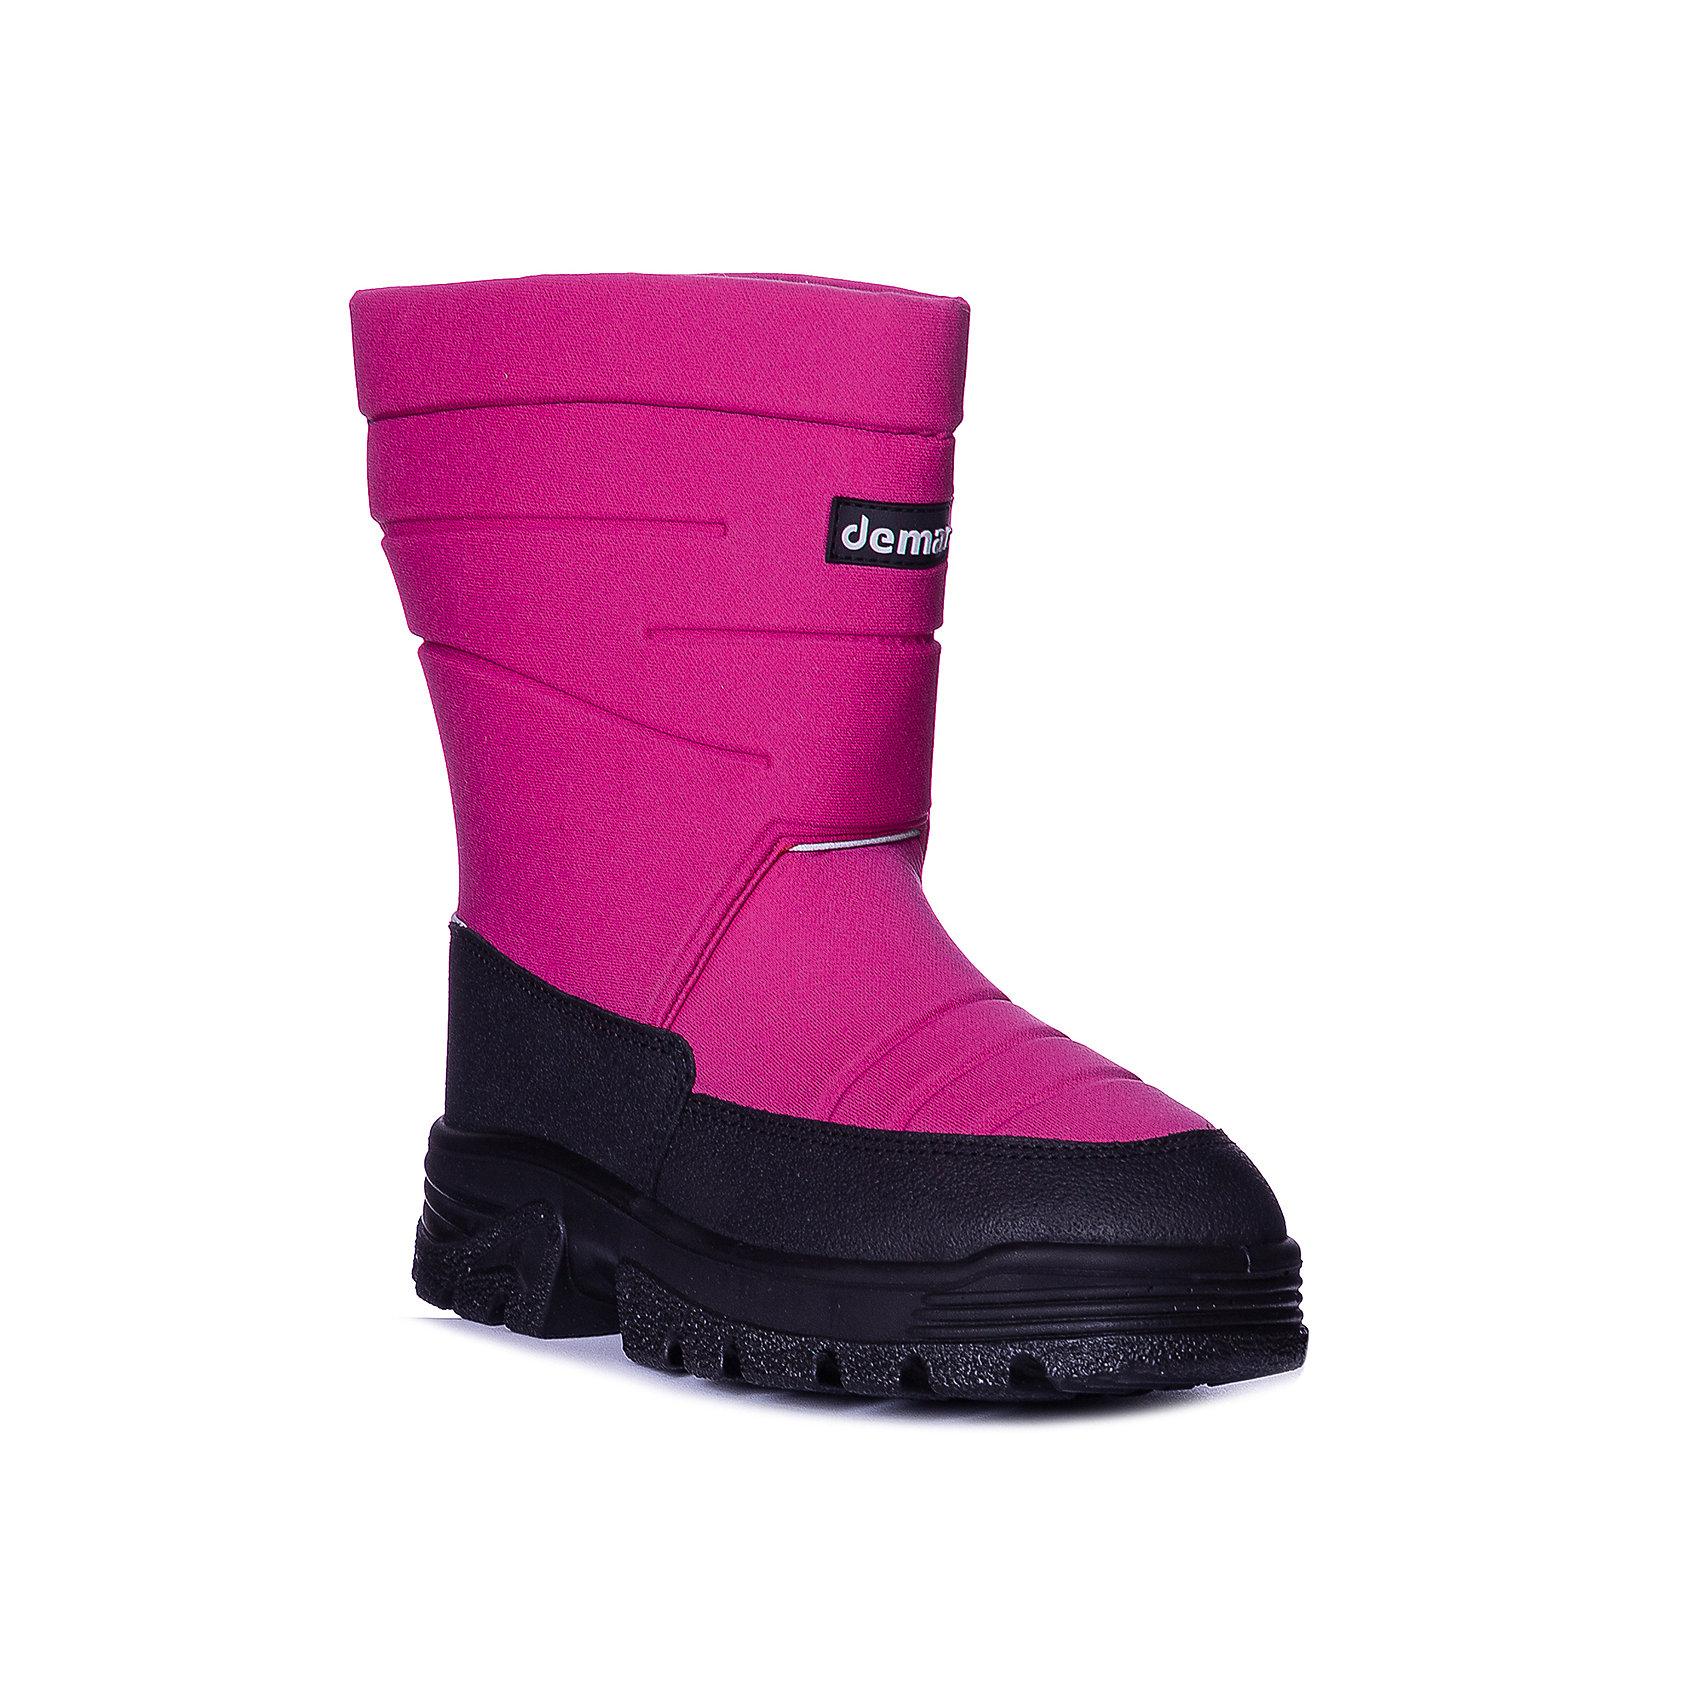 Сапоги Swen для девочки DEMARХарактеристики товара:<br><br>• цвет: розовый<br>• материал верха: текстиль<br>• материал подкладки: 100% натуральная шерсть <br>• материал подошвы: ТЭП<br>• температурный режим: от -20° до 0° С<br>• верх не продувается, пропитка от грязи и влаги<br>• анискользящая подошва<br>• толстая устойчивая подошва<br>• усиленные пятка и носок<br>• страна бренда: Польша<br>• страна изготовитель: Польша<br><br>Зима - это время катания с горок, игр в снежки, лепки снеговиков и прогулок в снегопад! Чтобы не пропустить главные зимние удовольствия, нужно запастись теплой и удобной обувью. Такие сапожки обеспечат ребенку необходимый для активного отдыха комфорт, а подкладка из натуральной овечьей шерсти позволит ножкам оставаться теплыми. Сапожки легко надеваются и снимаются, отлично сидят на ноге. Они удивительно легкие!<br>Обувь от польского бренда Demar - это качественные товары, созданные с применением новейших технологий и с использованием как натуральных, так и высокотехнологичных материалов. Обувь отличается стильным дизайном и продуманной конструкцией. Изделие производится из качественных и проверенных материалов, которые безопасны для детей.<br><br>Сапоги для девочки от бренда Demar (Демар) можно купить в нашем интернет-магазине.<br><br>Ширина мм: 257<br>Глубина мм: 180<br>Высота мм: 130<br>Вес г: 420<br>Цвет: фиолетовый<br>Возраст от месяцев: 144<br>Возраст до месяцев: 156<br>Пол: Женский<br>Возраст: Детский<br>Размер: 36,38,37<br>SKU: 5146958